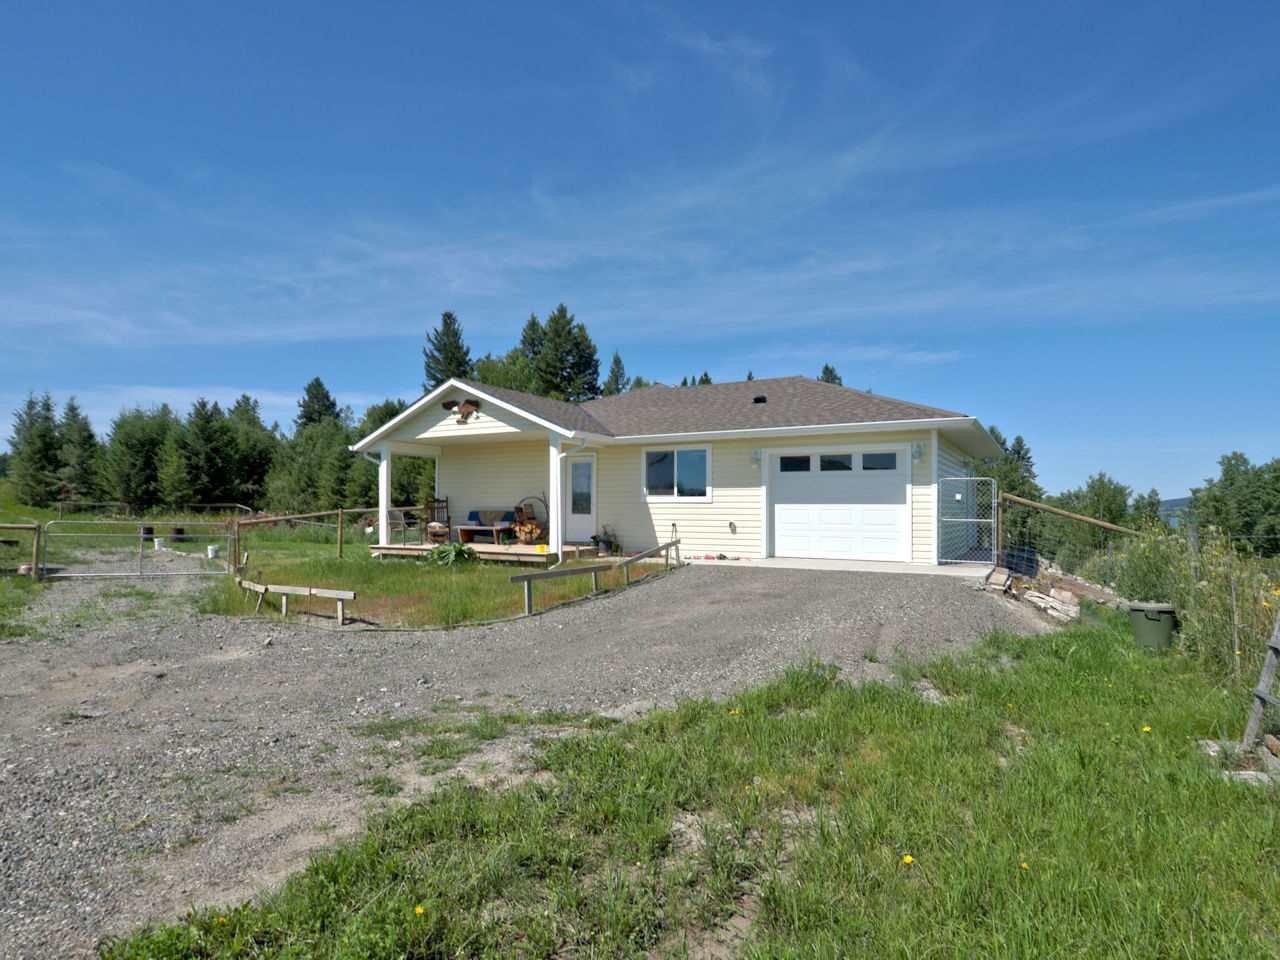 Main Photo: 4186 LAC LA HACHE STATION Road: Lac la Hache House for sale (100 Mile House (Zone 10))  : MLS®# R2448460